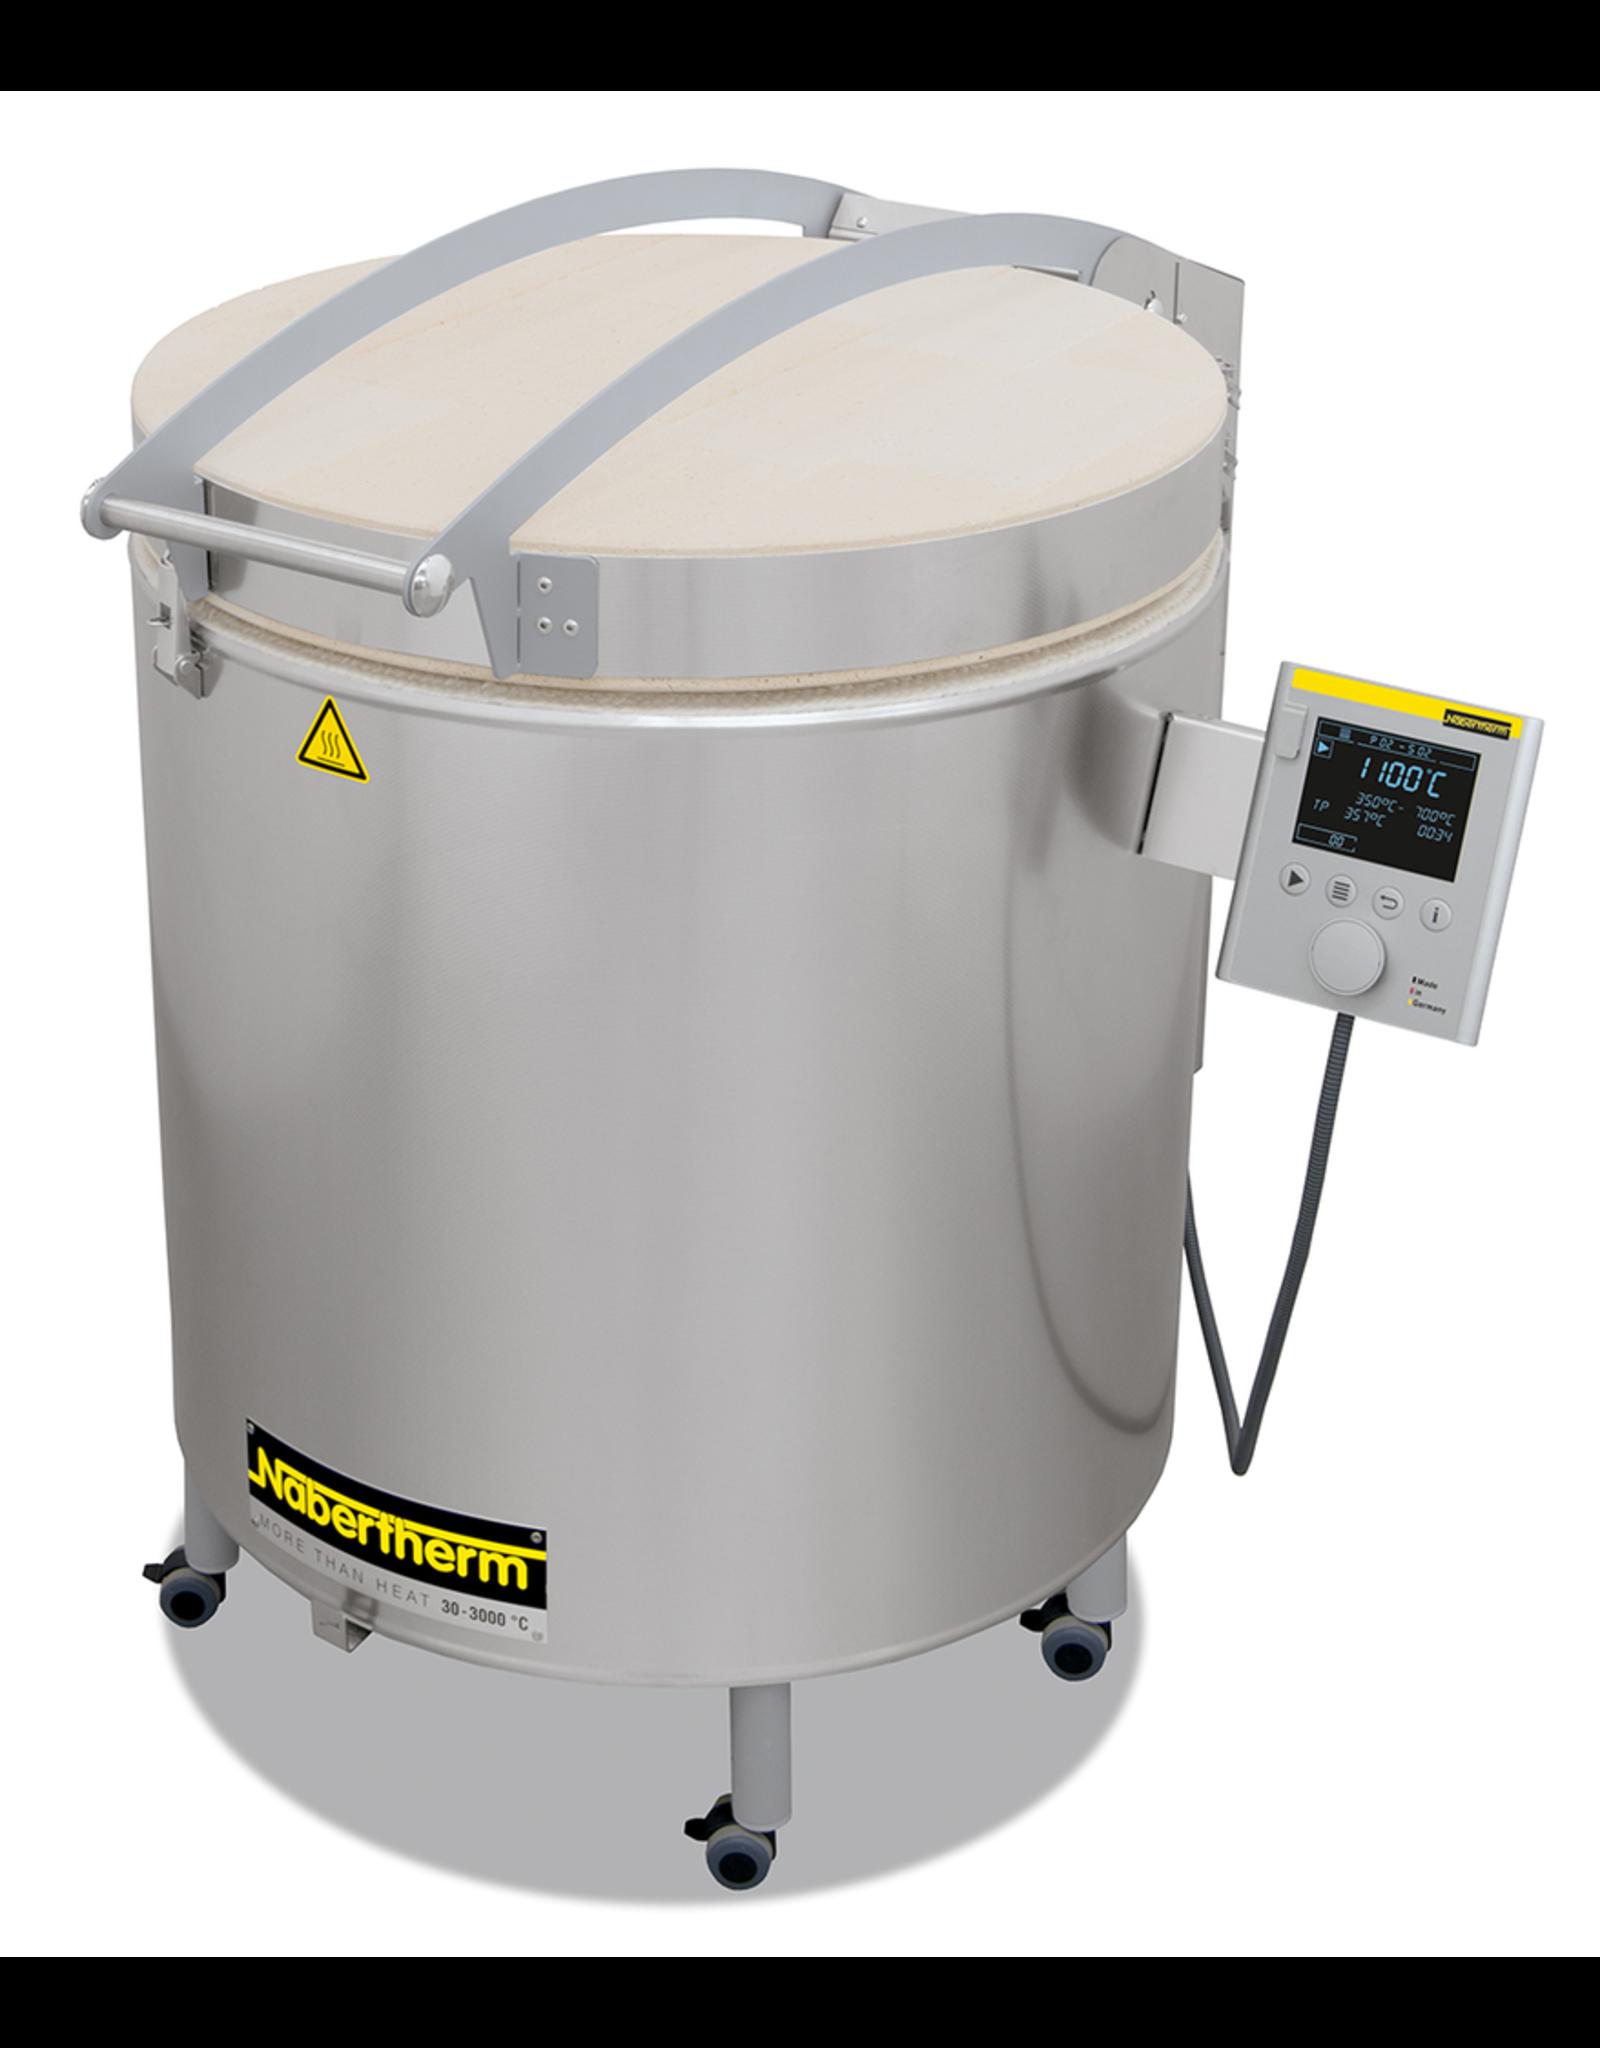 Nabertherm 160Lt top loading kiln 1320˚c max.